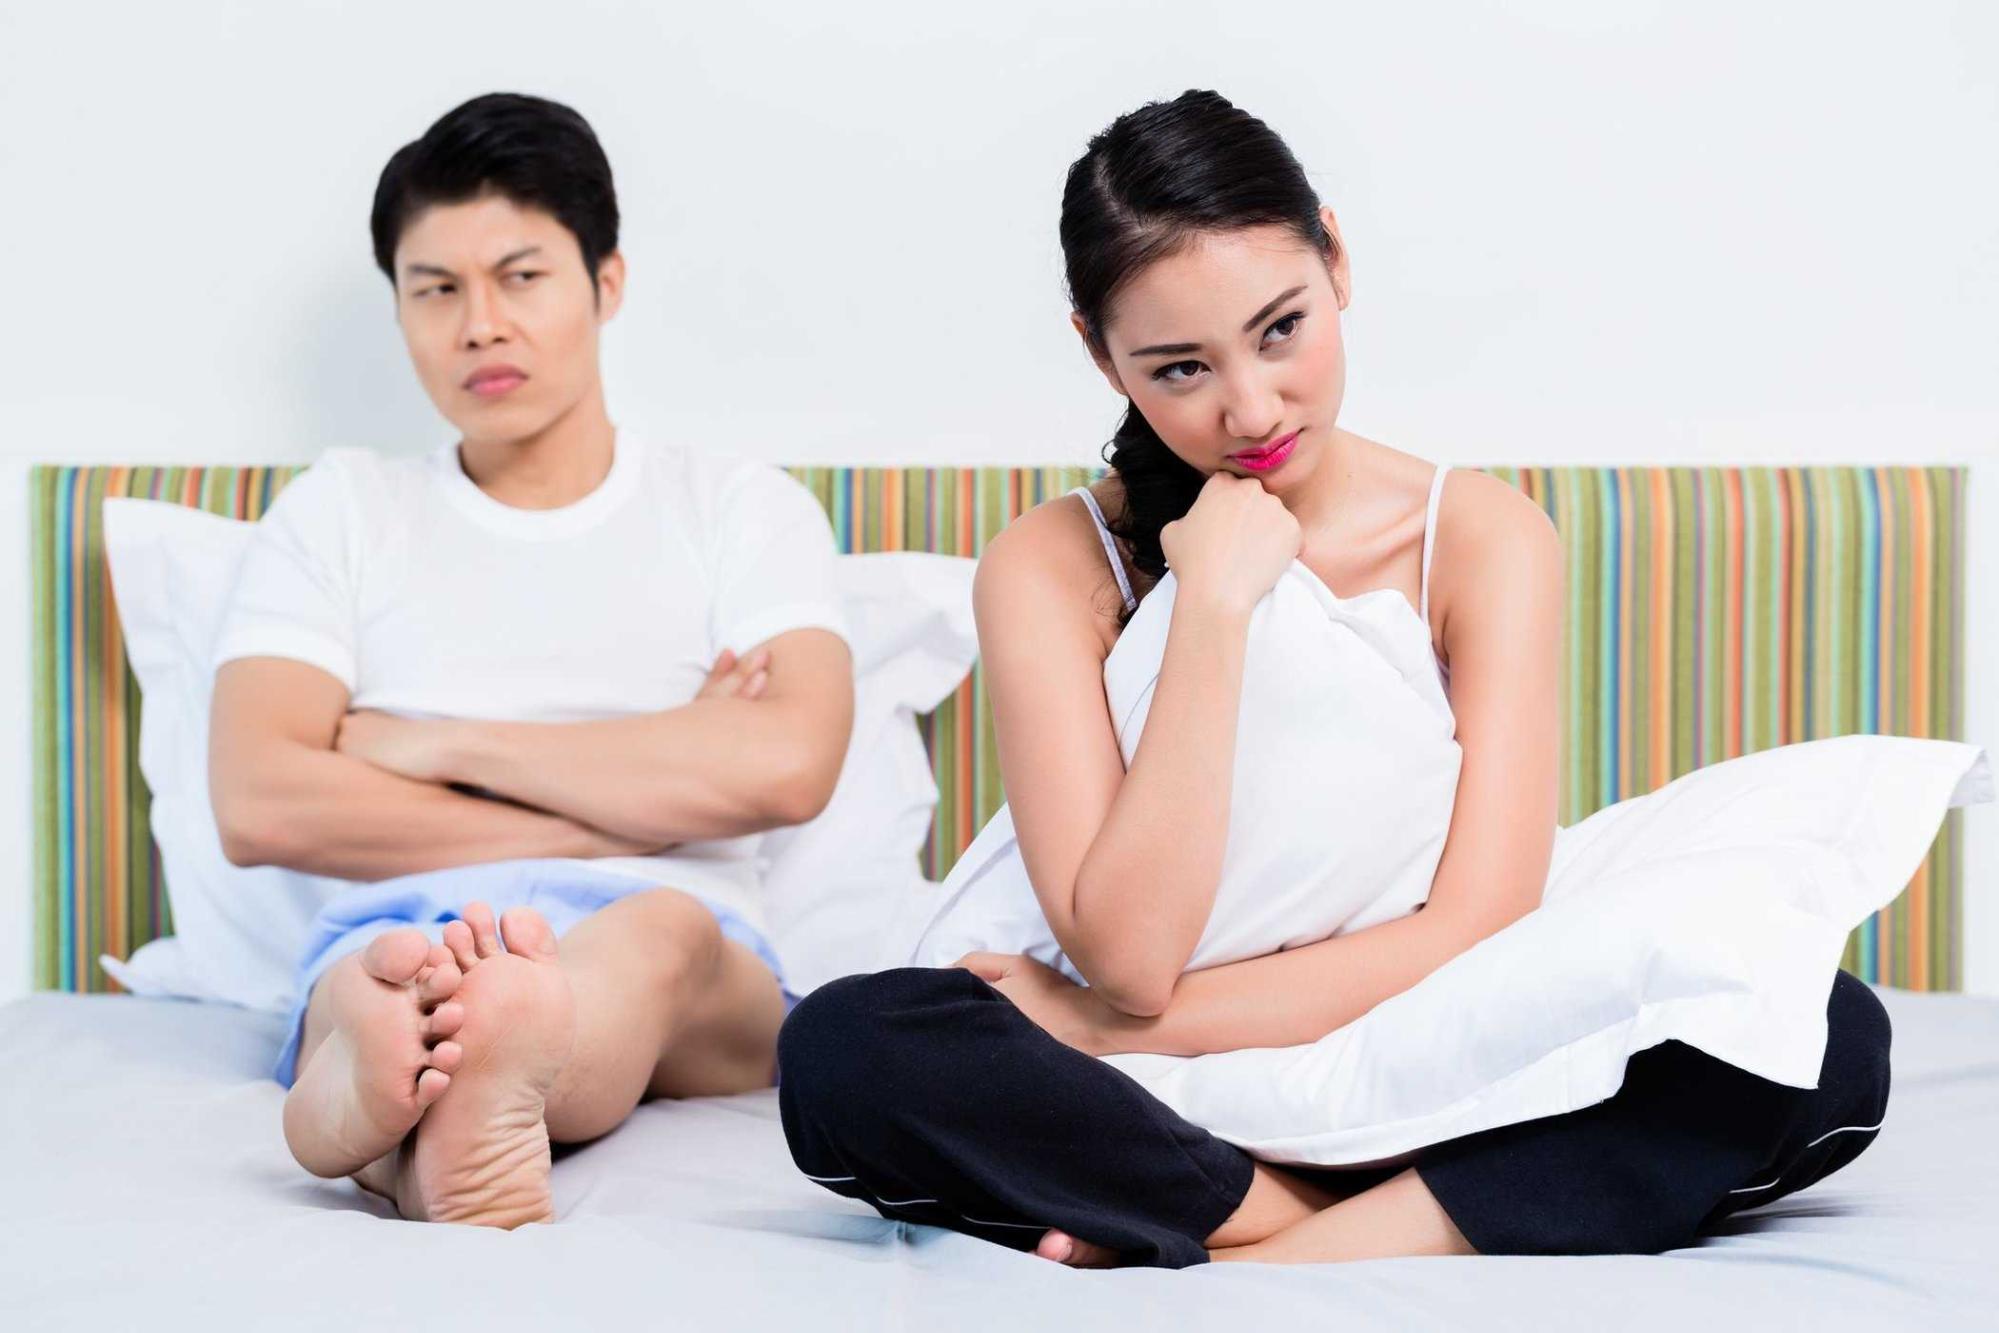 Làm Gì Khi Vợ Ngoại Tình Tư Tưởng Vừa Giải Quyết Dứt Điểm Lại Không Ảnh Hưởng Tình Cảm Vợ Chồng